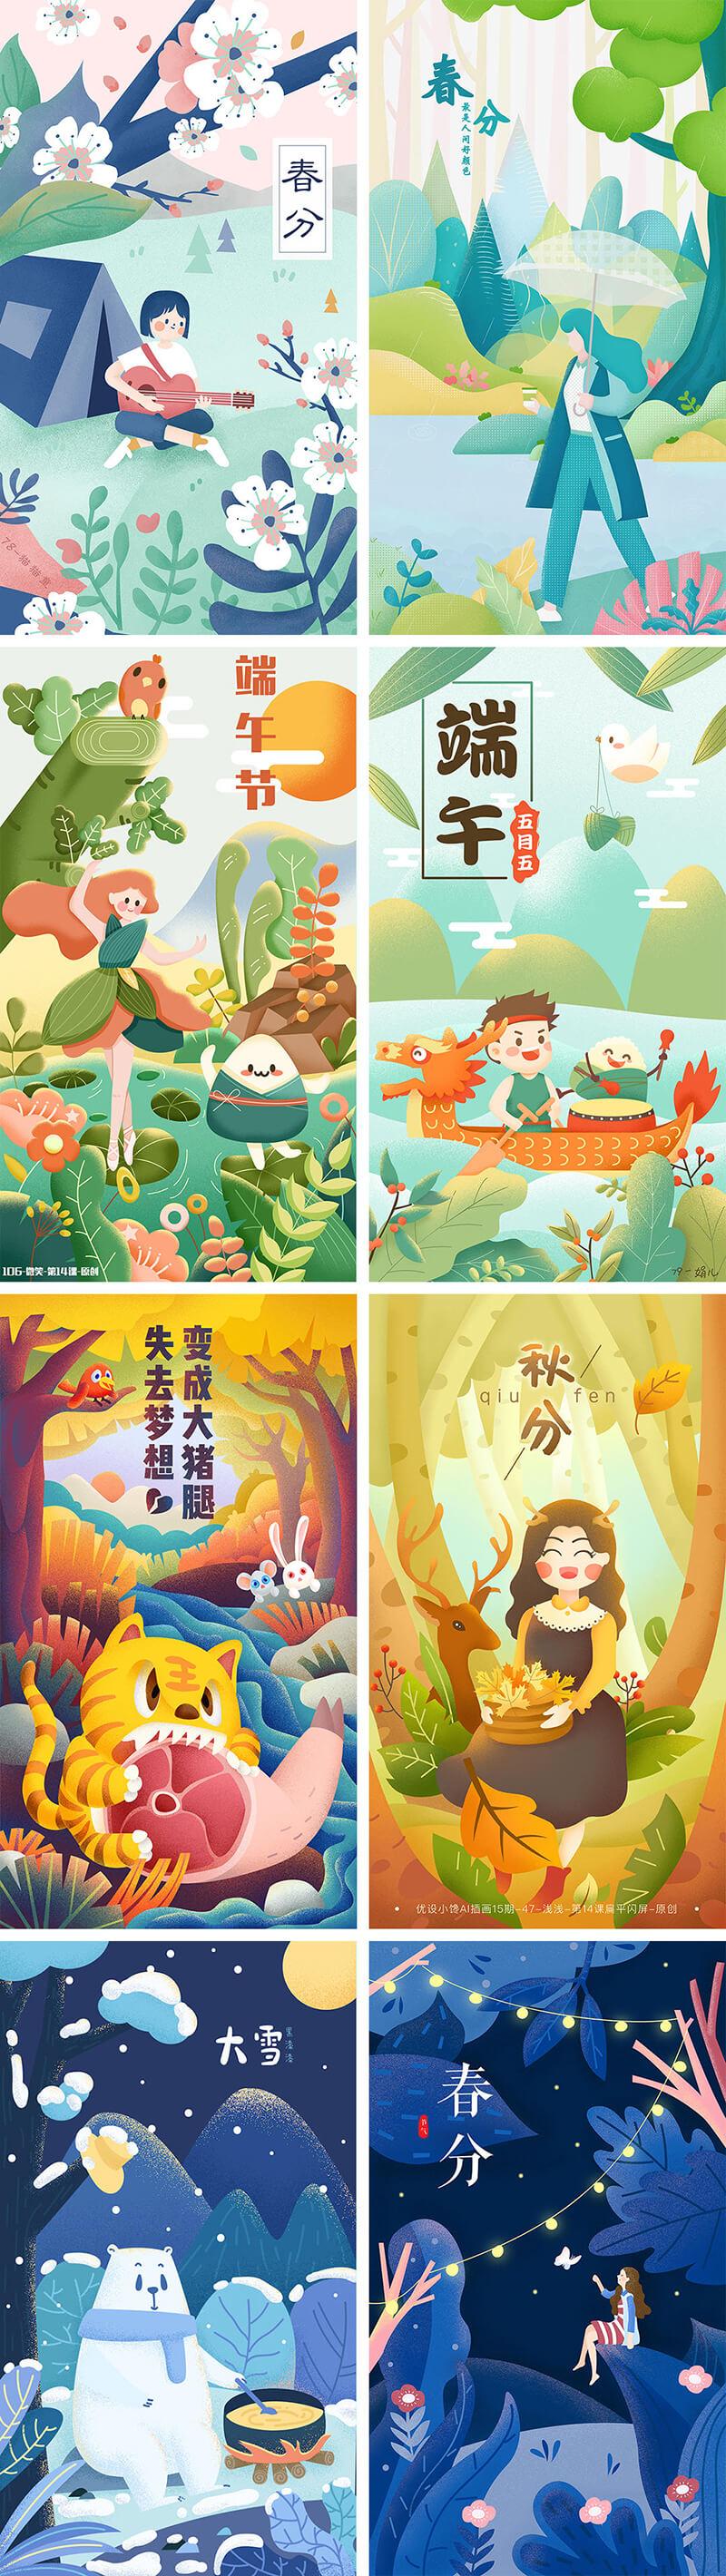 优设专访!资深插画师周小馋有哪些独家的创作心得?